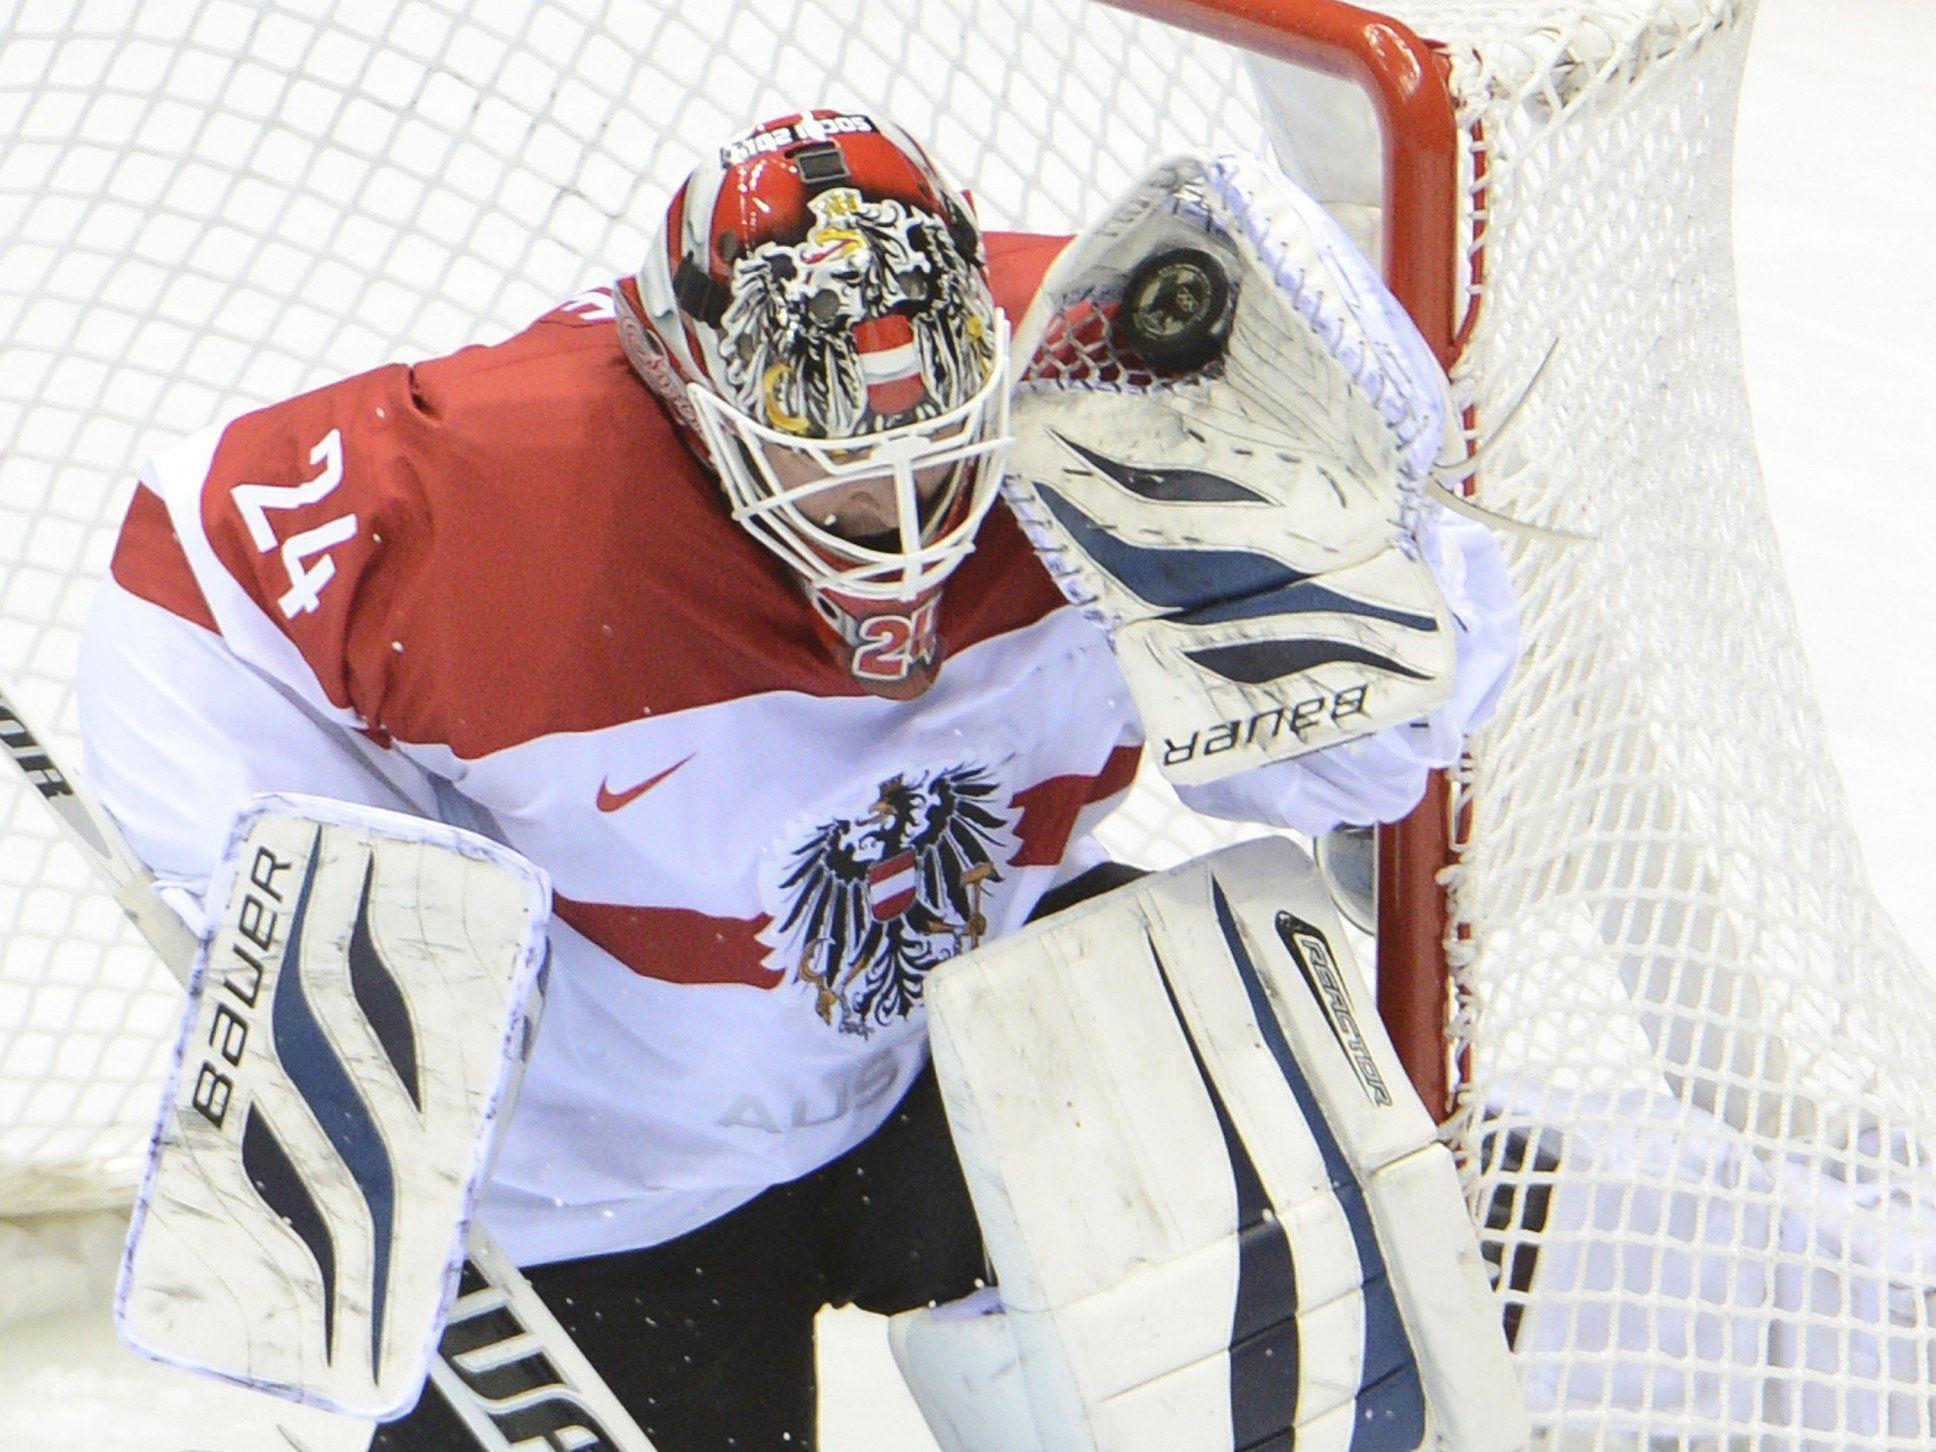 Wir verlosen 10x2 Tickets für das Eishockey-Ländermatch zwischen Österreich und Slowenien.